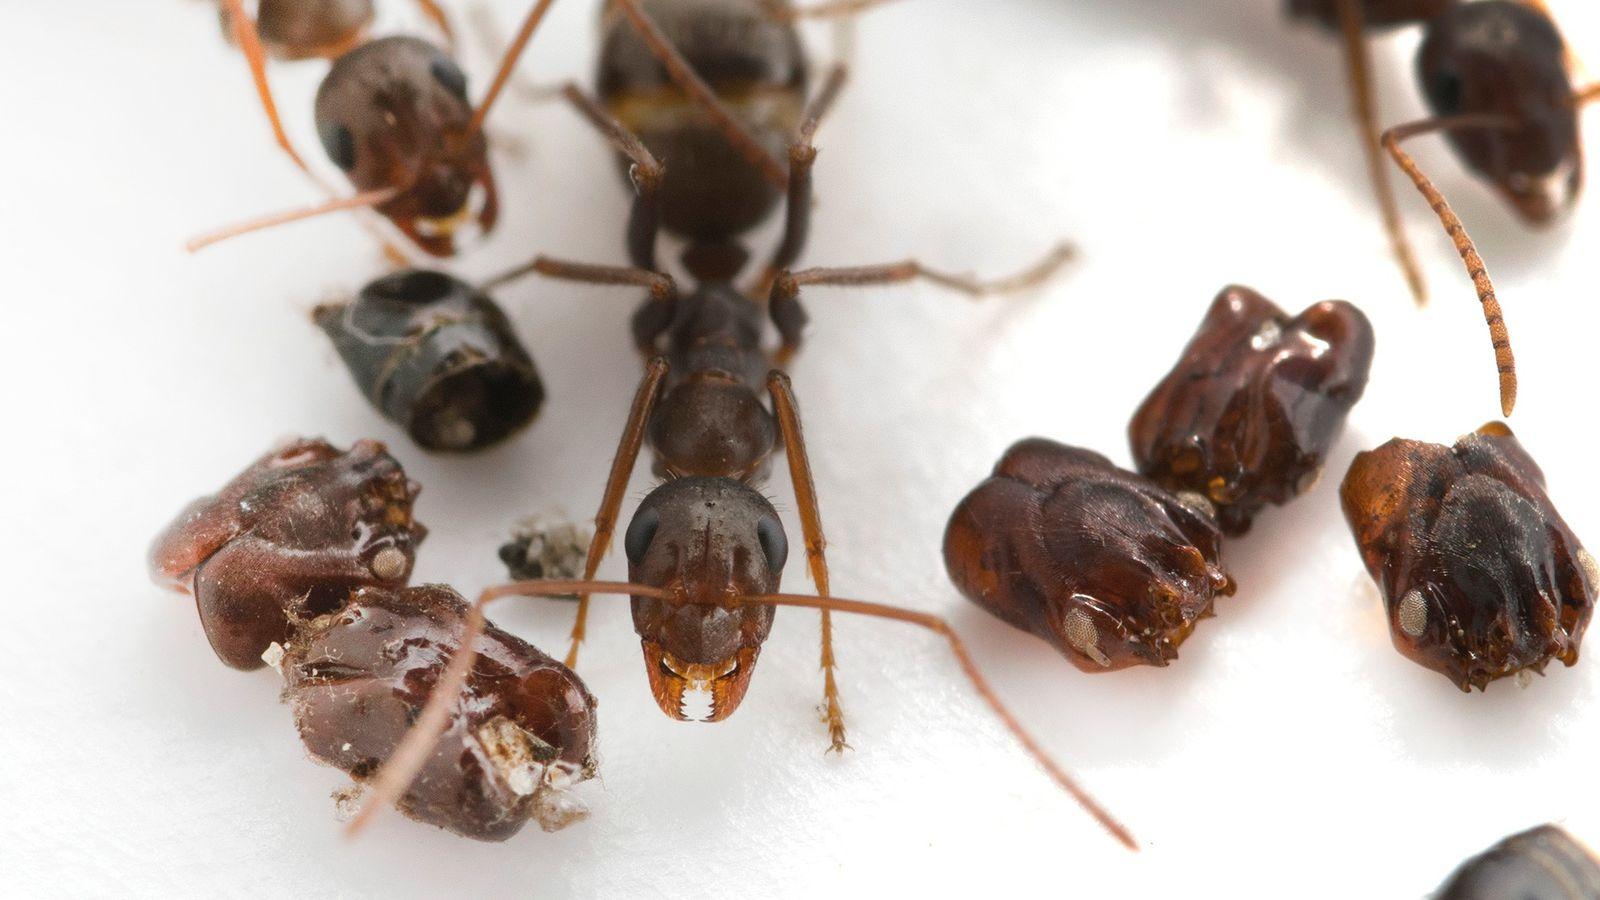 Diese in Florida beheimatete Ameisenart Formica archboldi sammelt die Schädel ihrer Feinde – Wissenschaftler sind sich ...